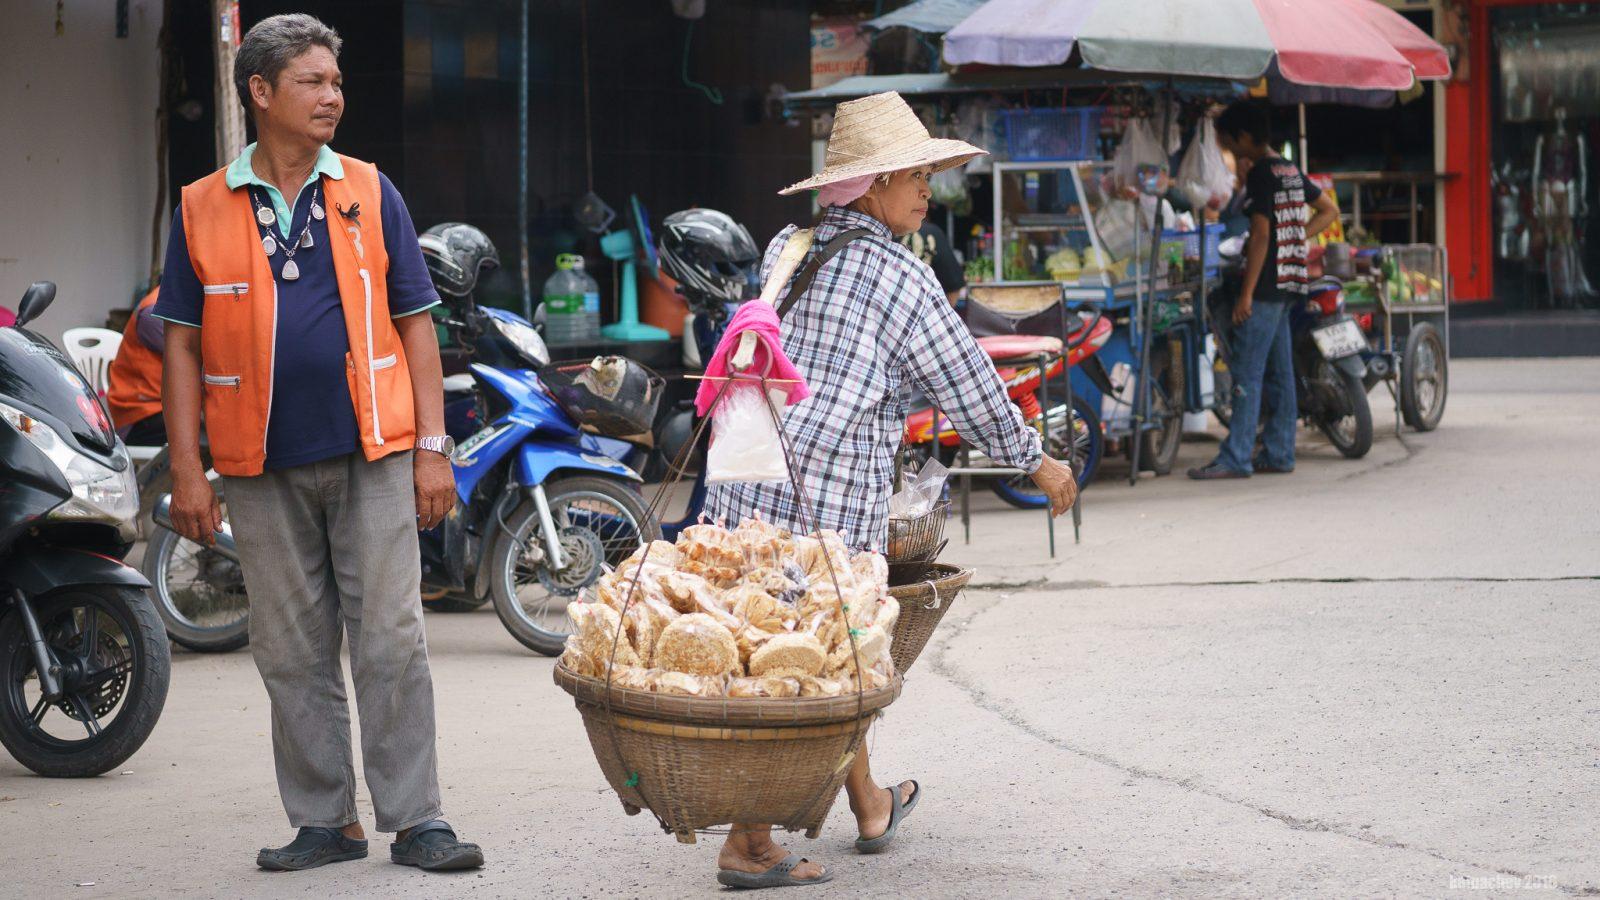 Pattaya, Thailand - October 2016